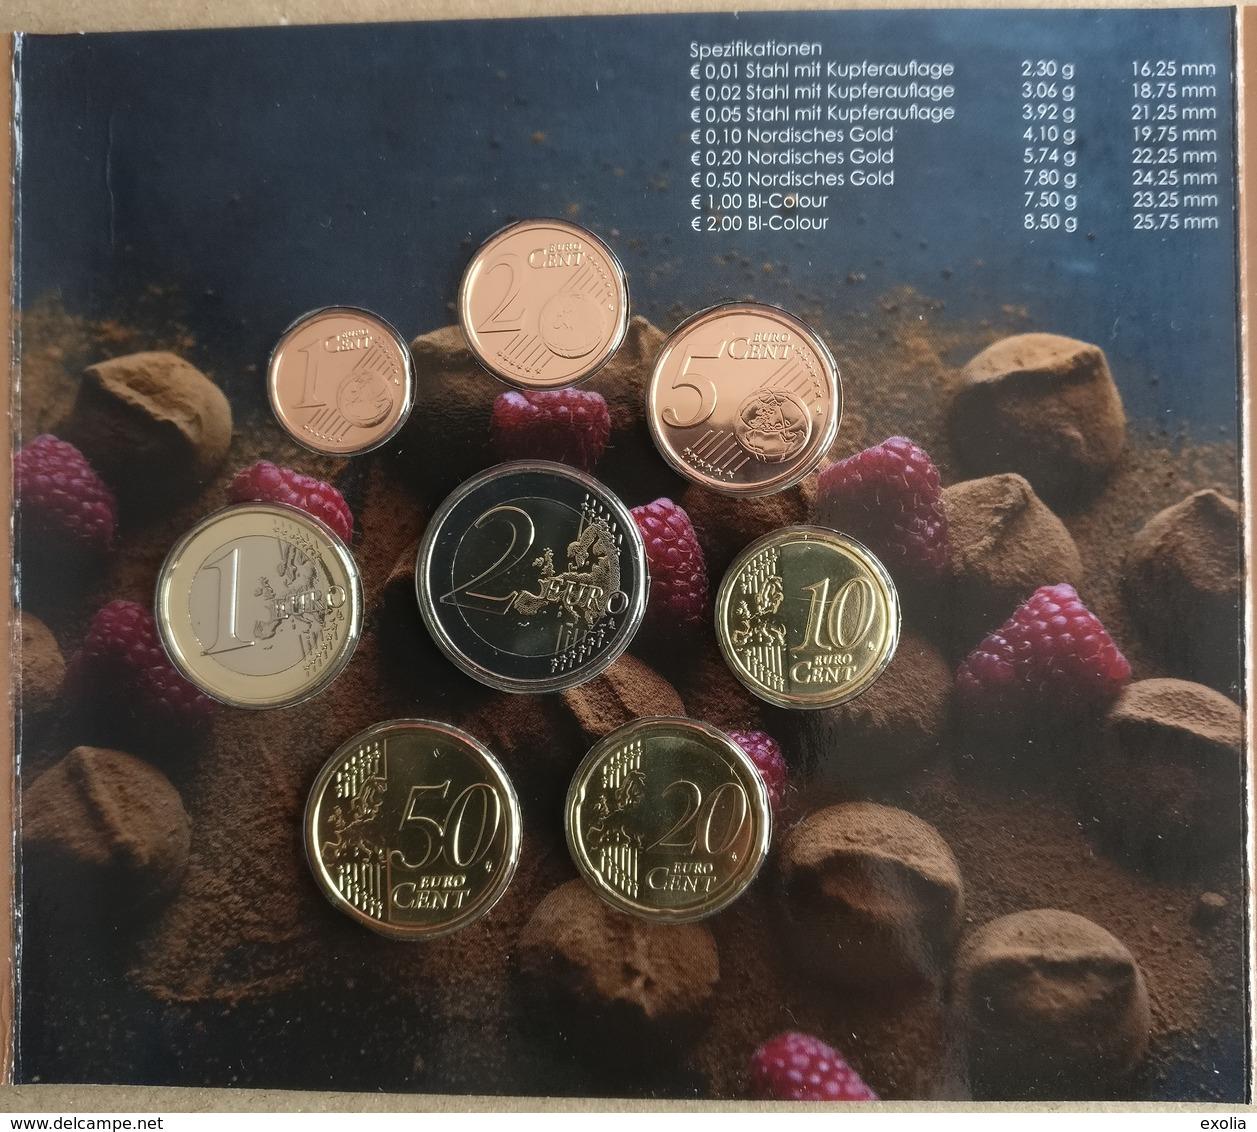 BU BELGIQUE 2019 CHOCOLAT WORLD MONEY FAIR BERLIN 500 EXEMPLAIRES TRES TRES RARE Lire Description Complète !!! - Belgium